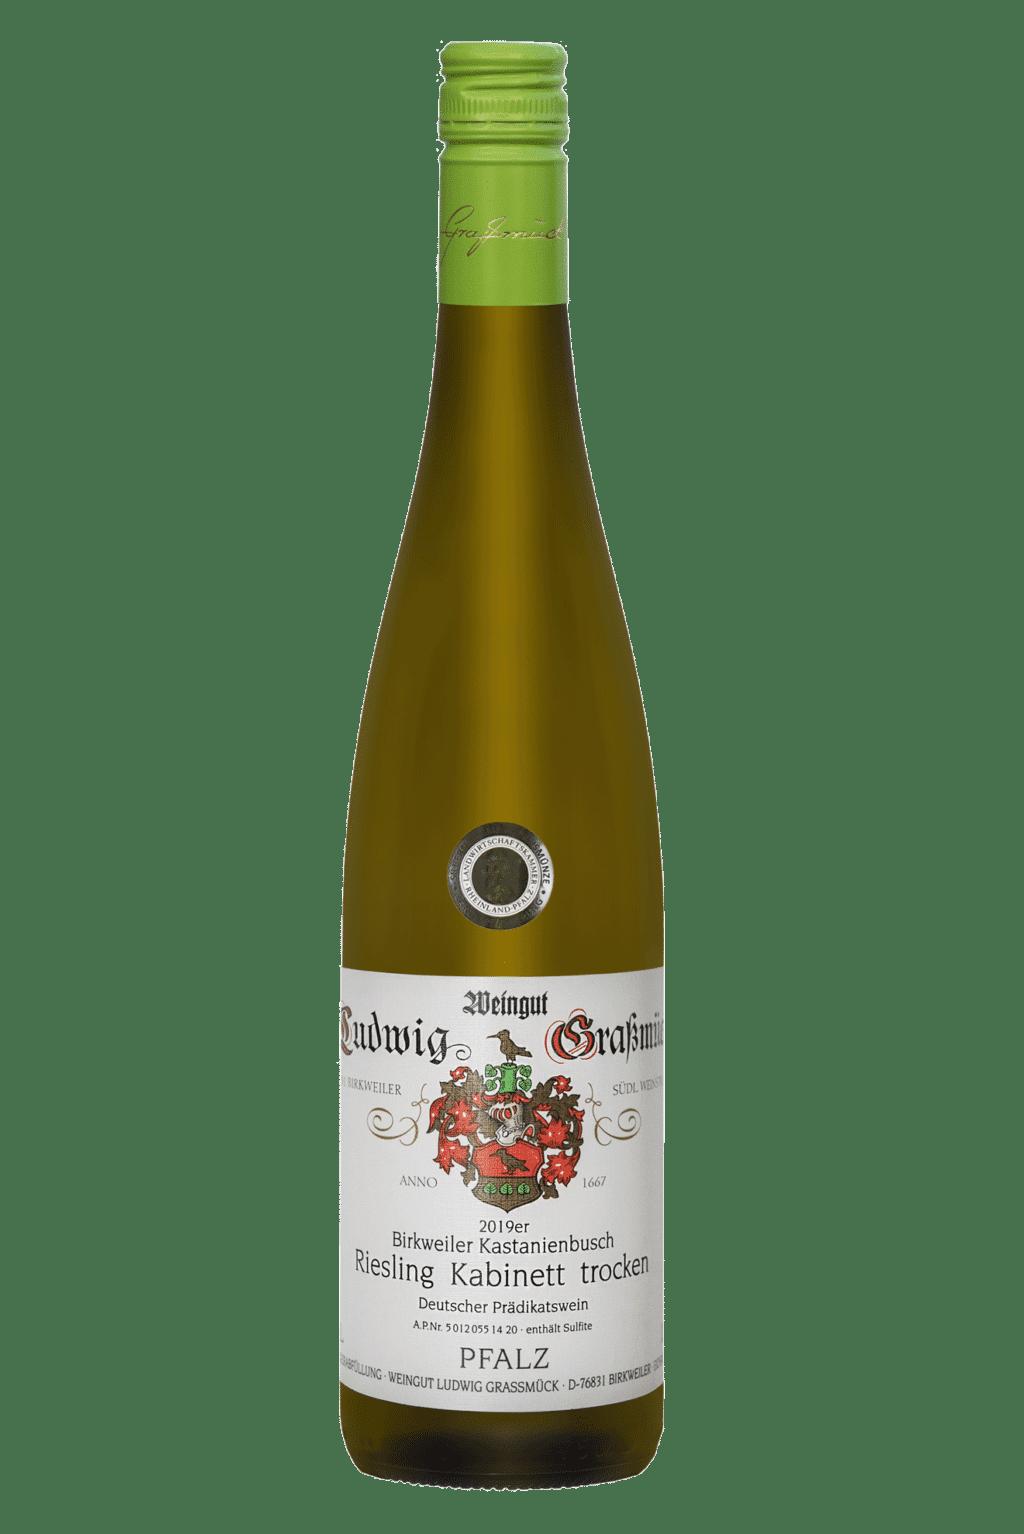 Weingut Ludwig Graßmück, Simon Graßmück, Chardonnay und Weissburgunder Kabinett trocken 2019